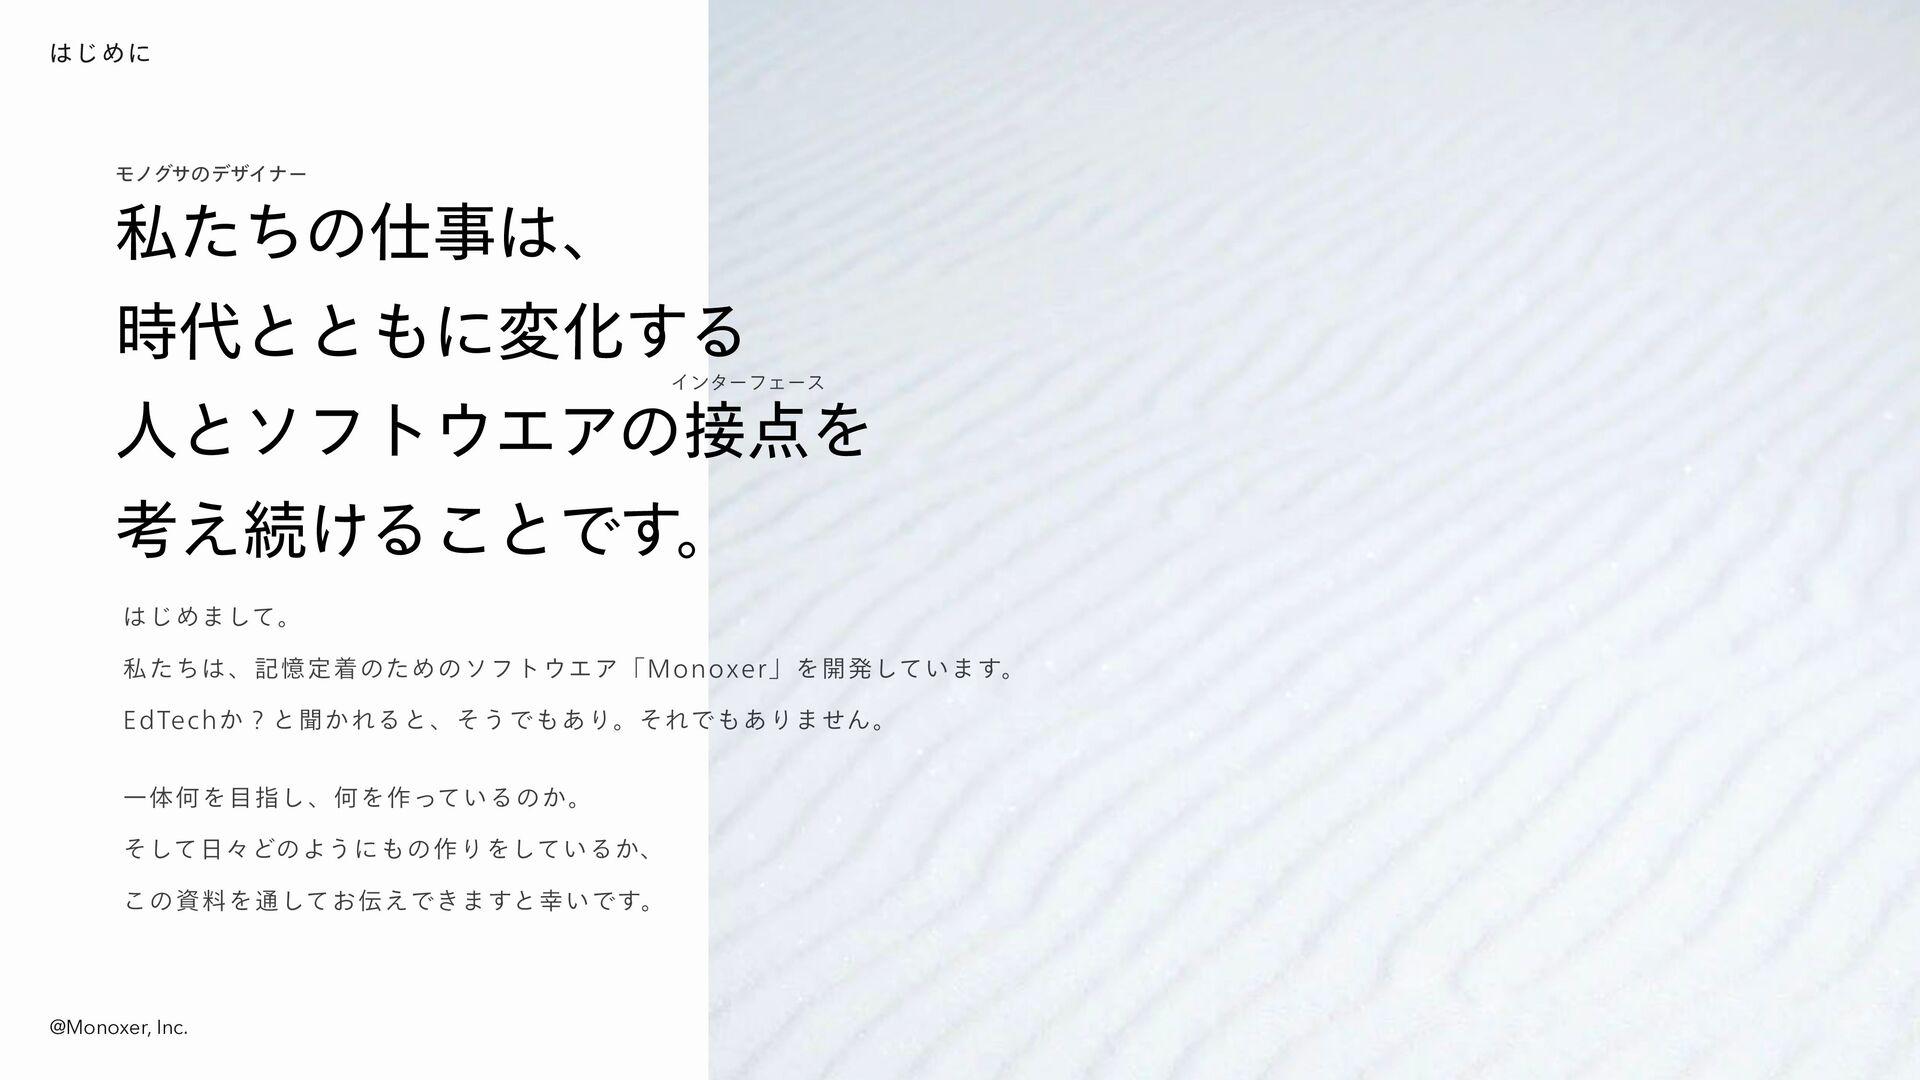 @Monoxer, Inc. ͡Ίʹ 2 ࢲͨͪͷɺ ͱͱʹมԽ͢Δ ਓͱι...